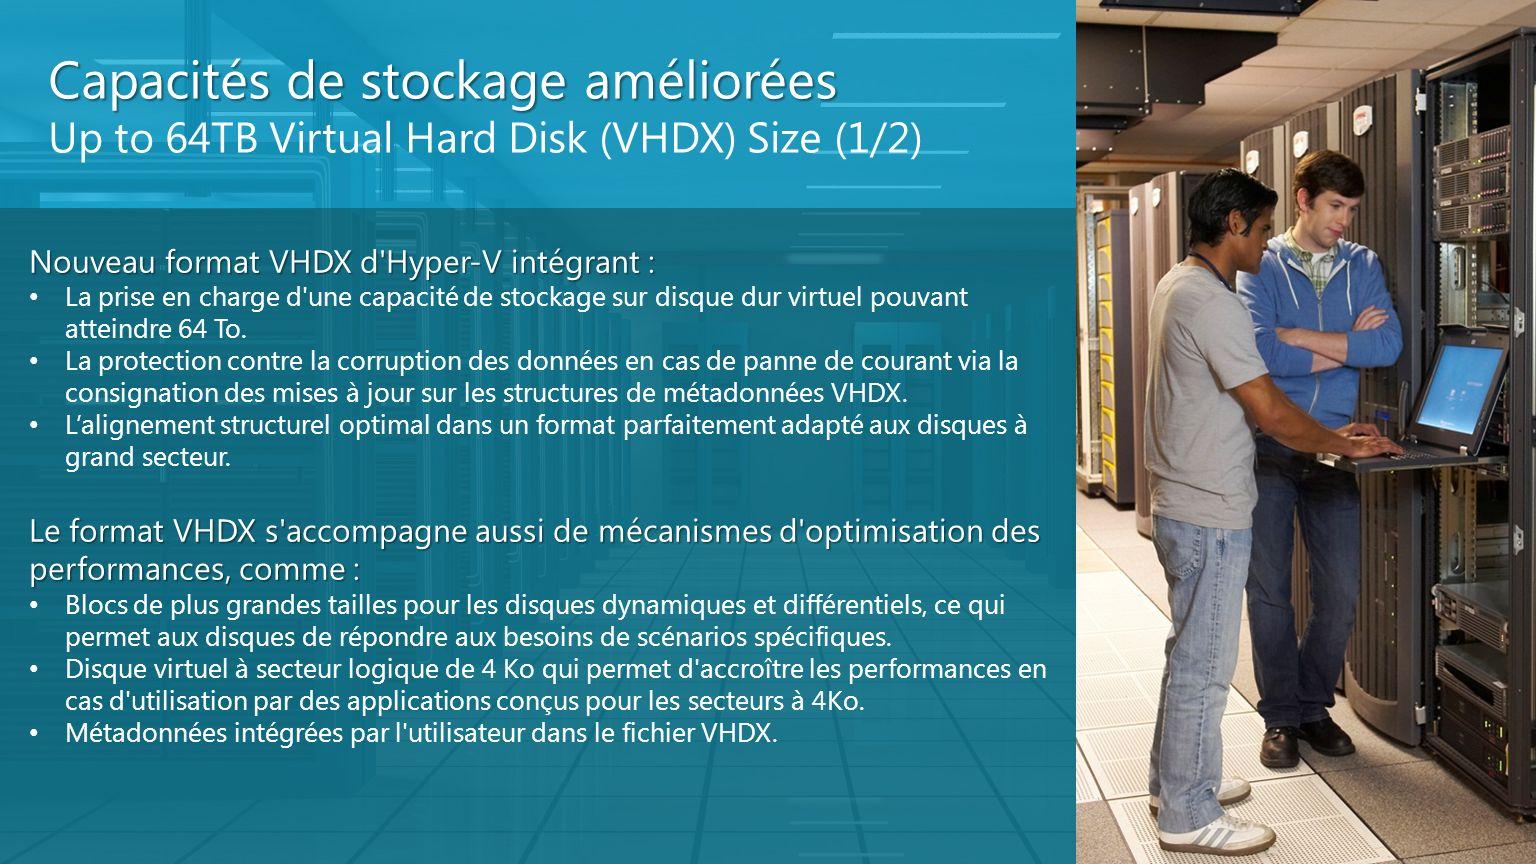 Capacités de stockage améliorées Up to 64TB Virtual Hard Disk (VHDX) Size (1/2) Nouveau format VHDX d'Hyper-V intégrant : La prise en charge d'une cap